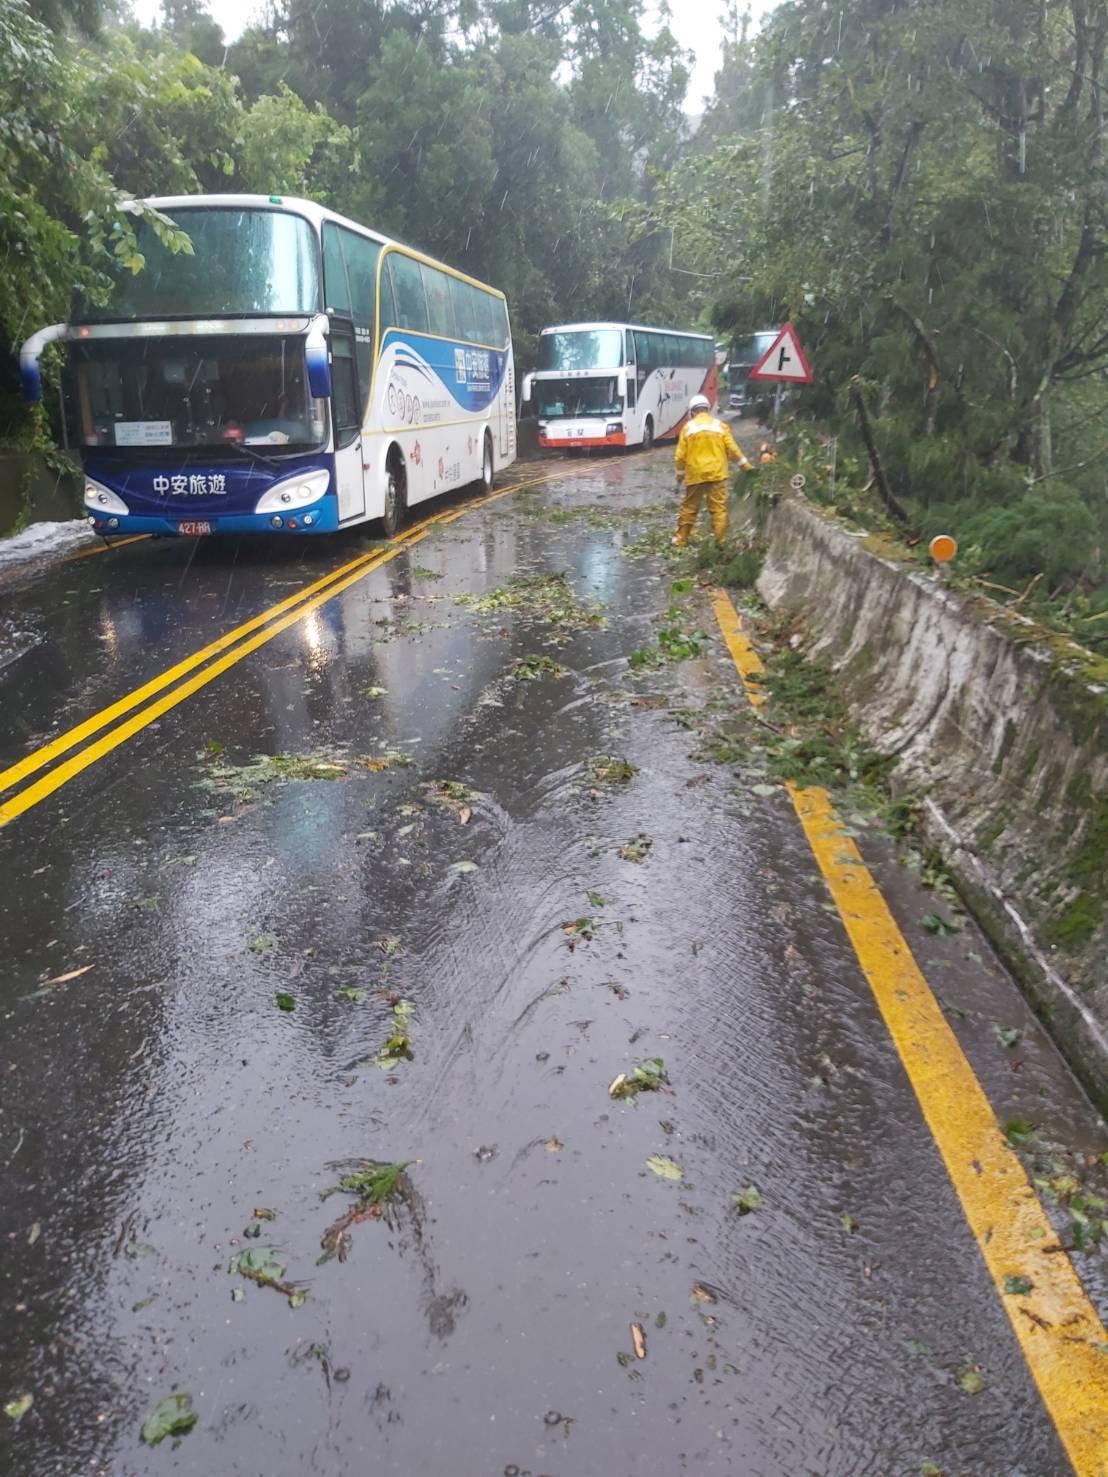 台14甲線清境國小前路樹被強風吹斷,一度導致雙向交通受阻。圖/仁愛鄉公所提供